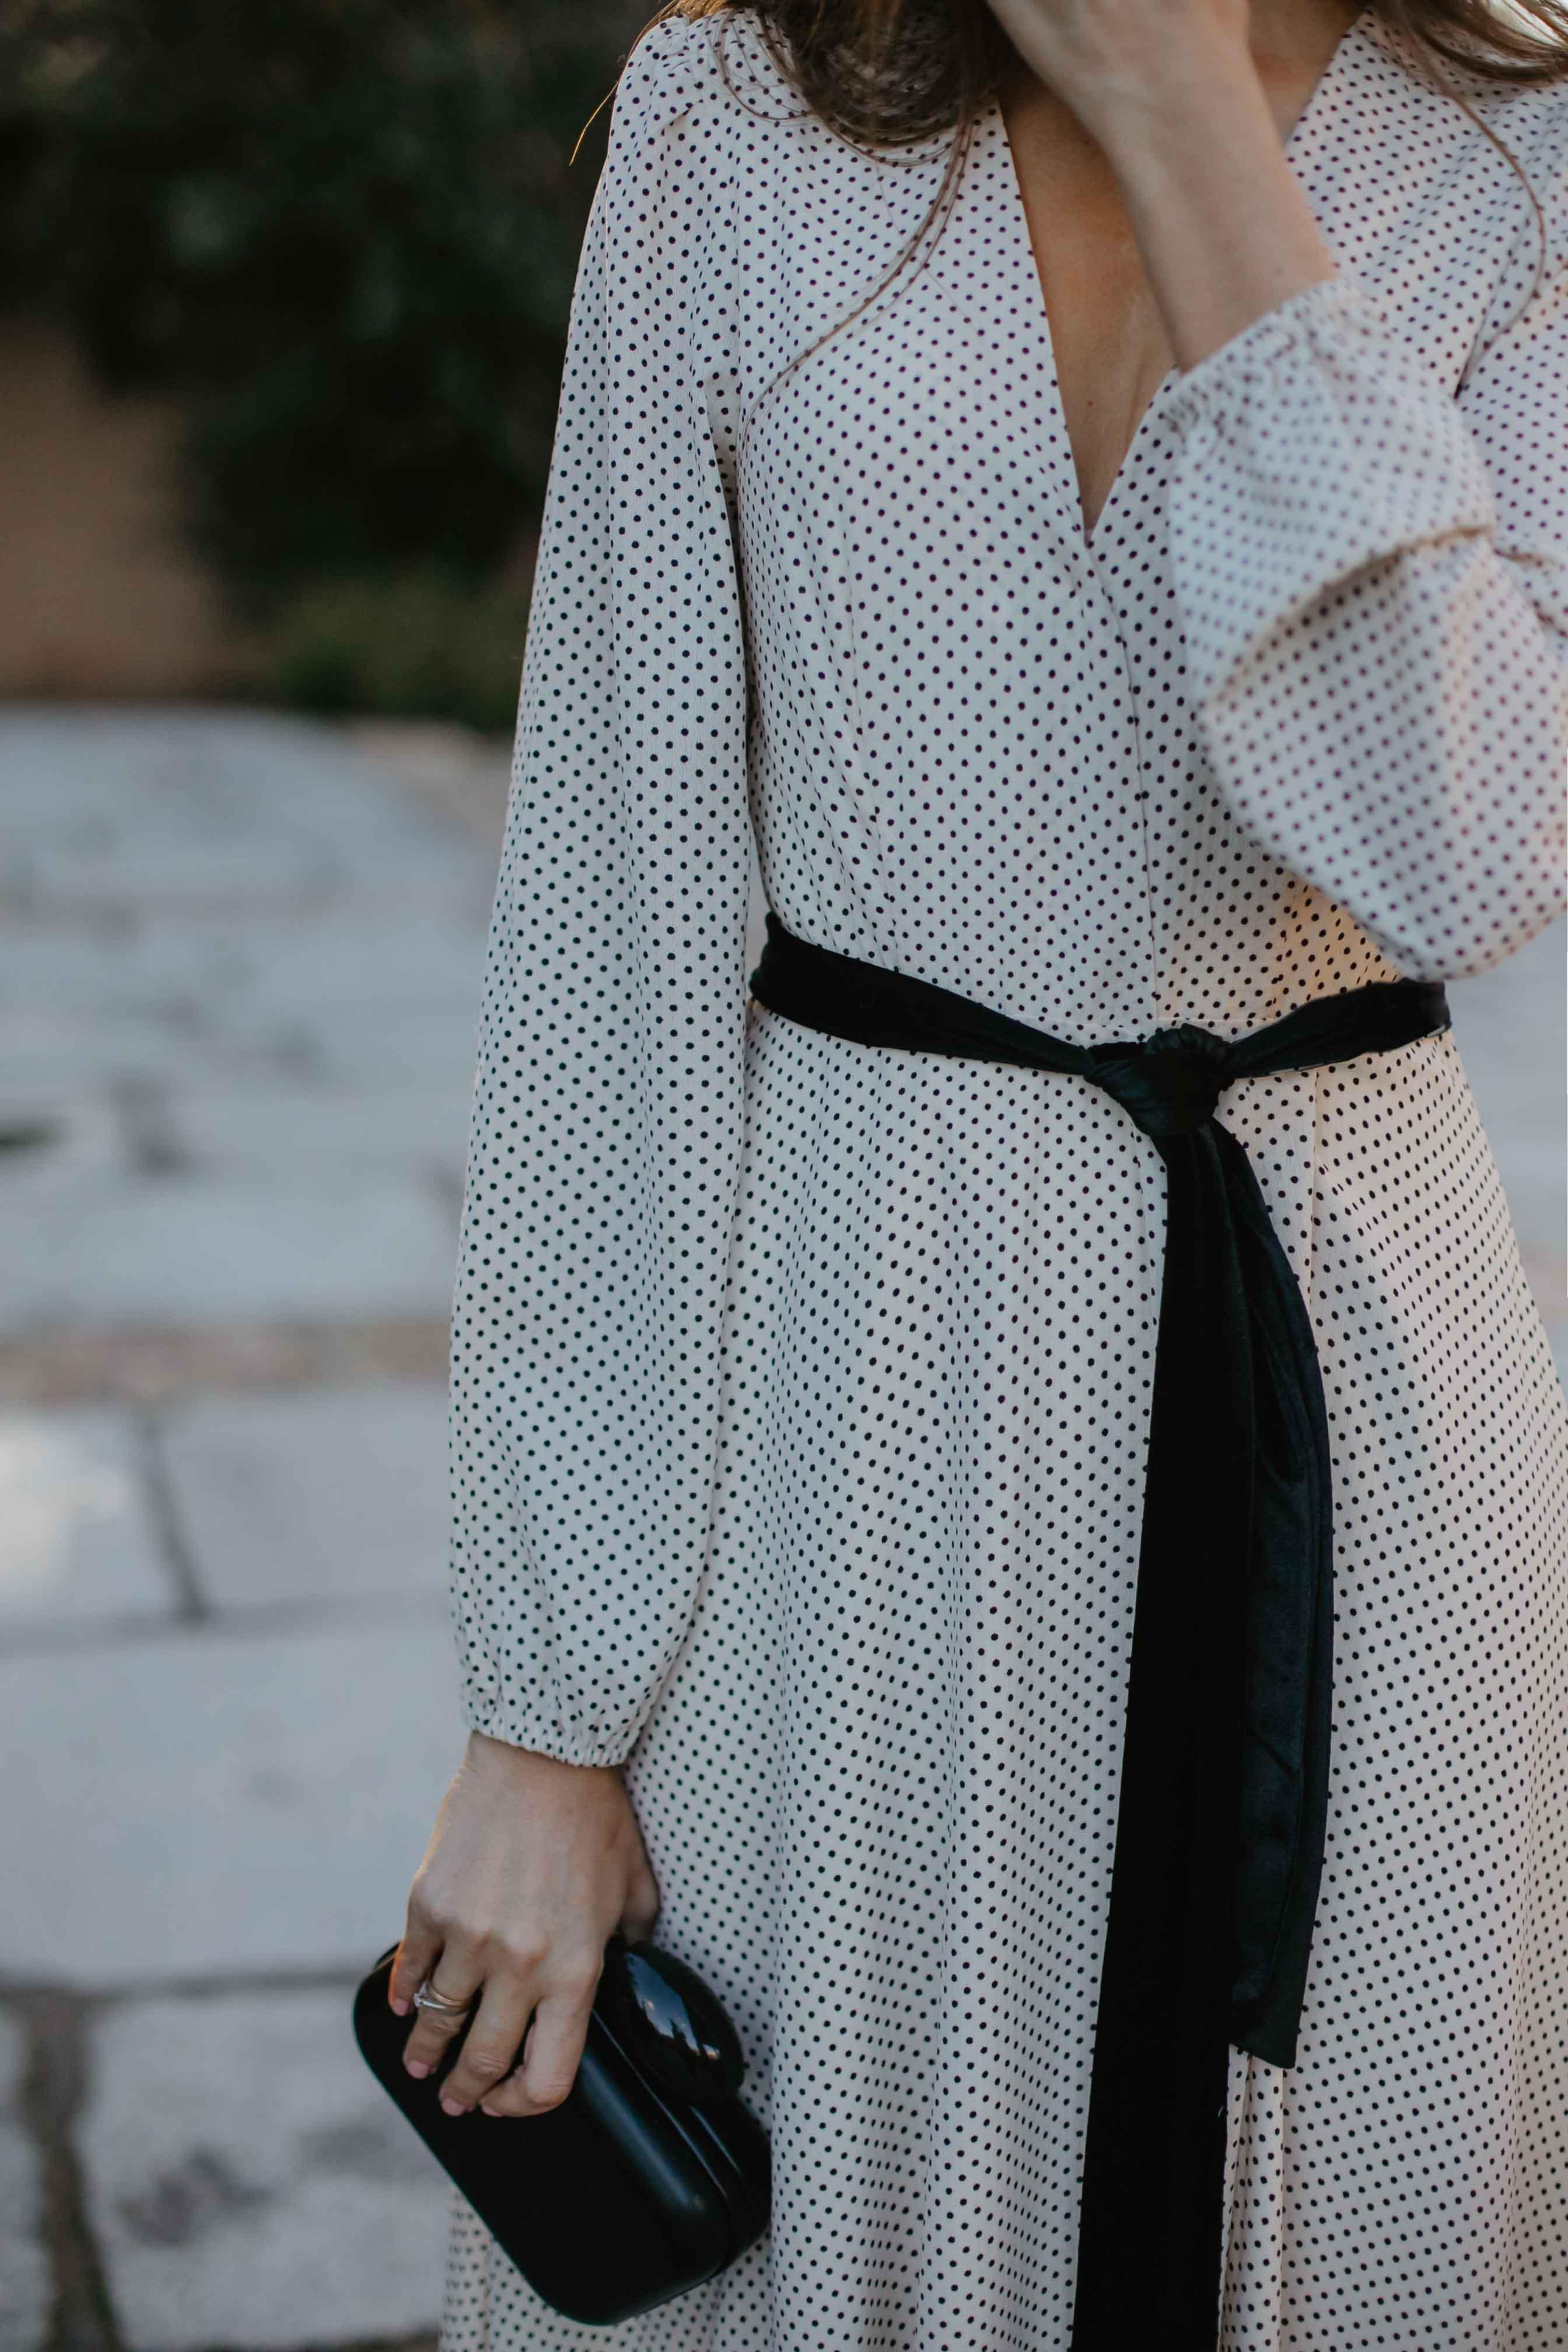 Look invitada invierno capa vestido largo topitos lazo